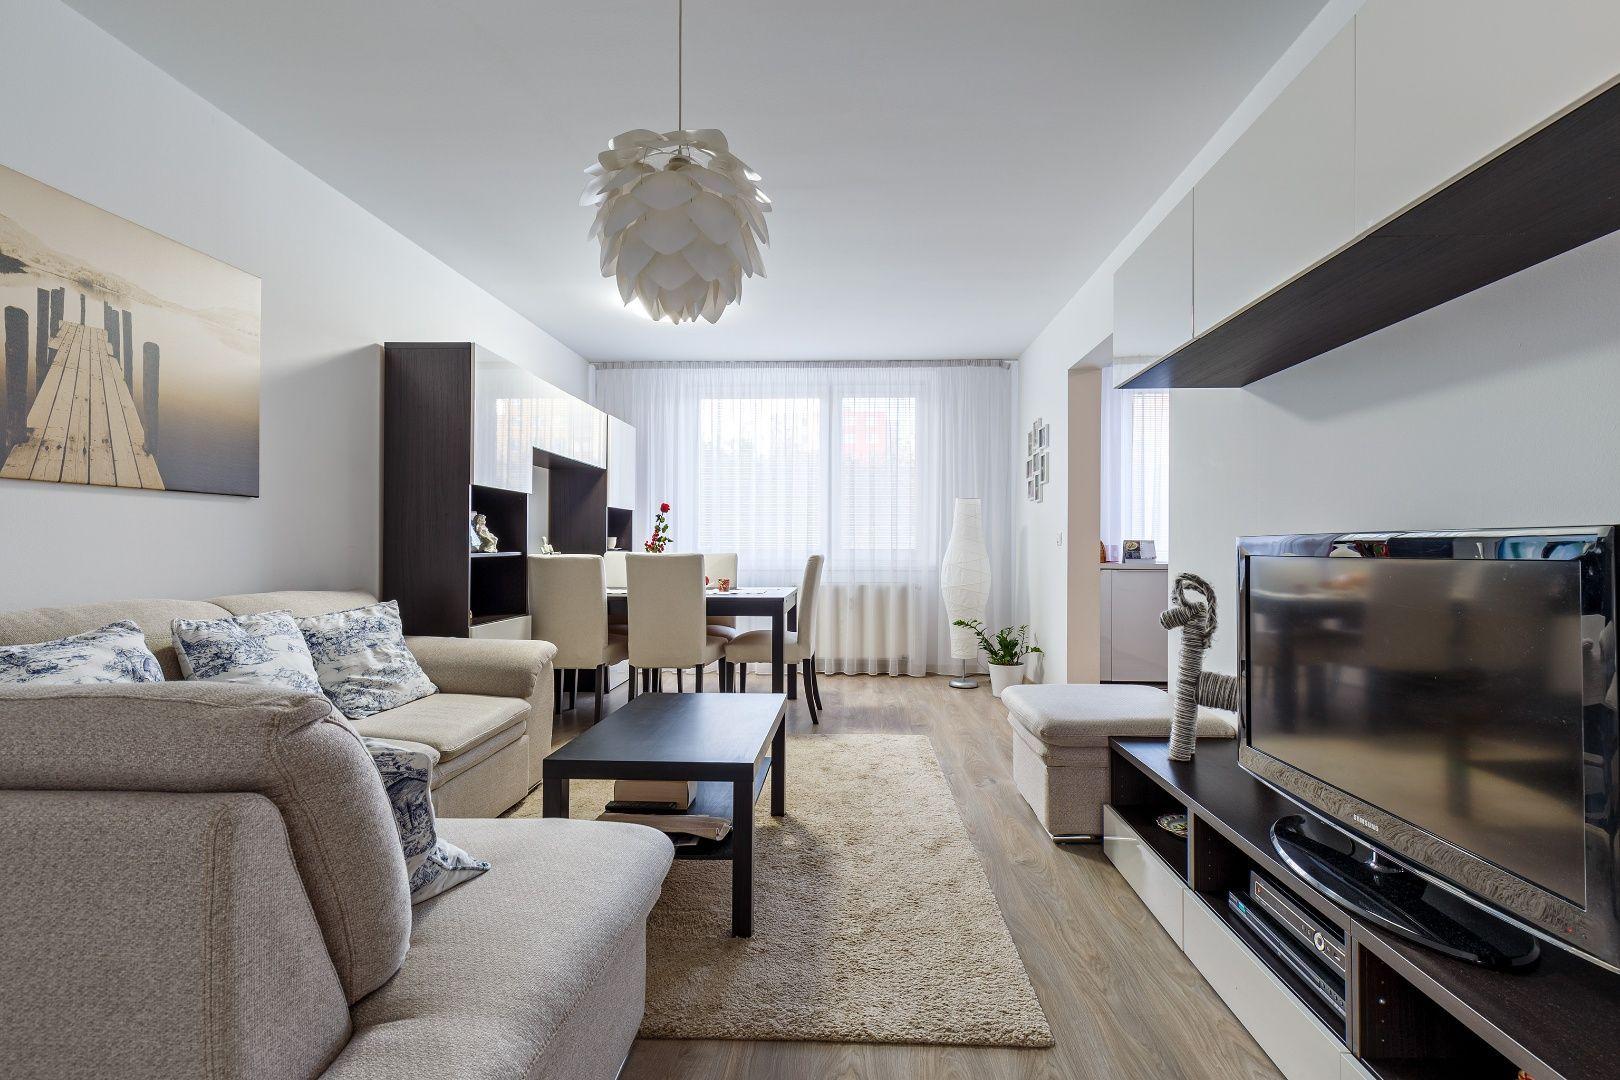 3-izbový byt-Predaj-Bratislava - mestská časť Ružinov-195 000 €